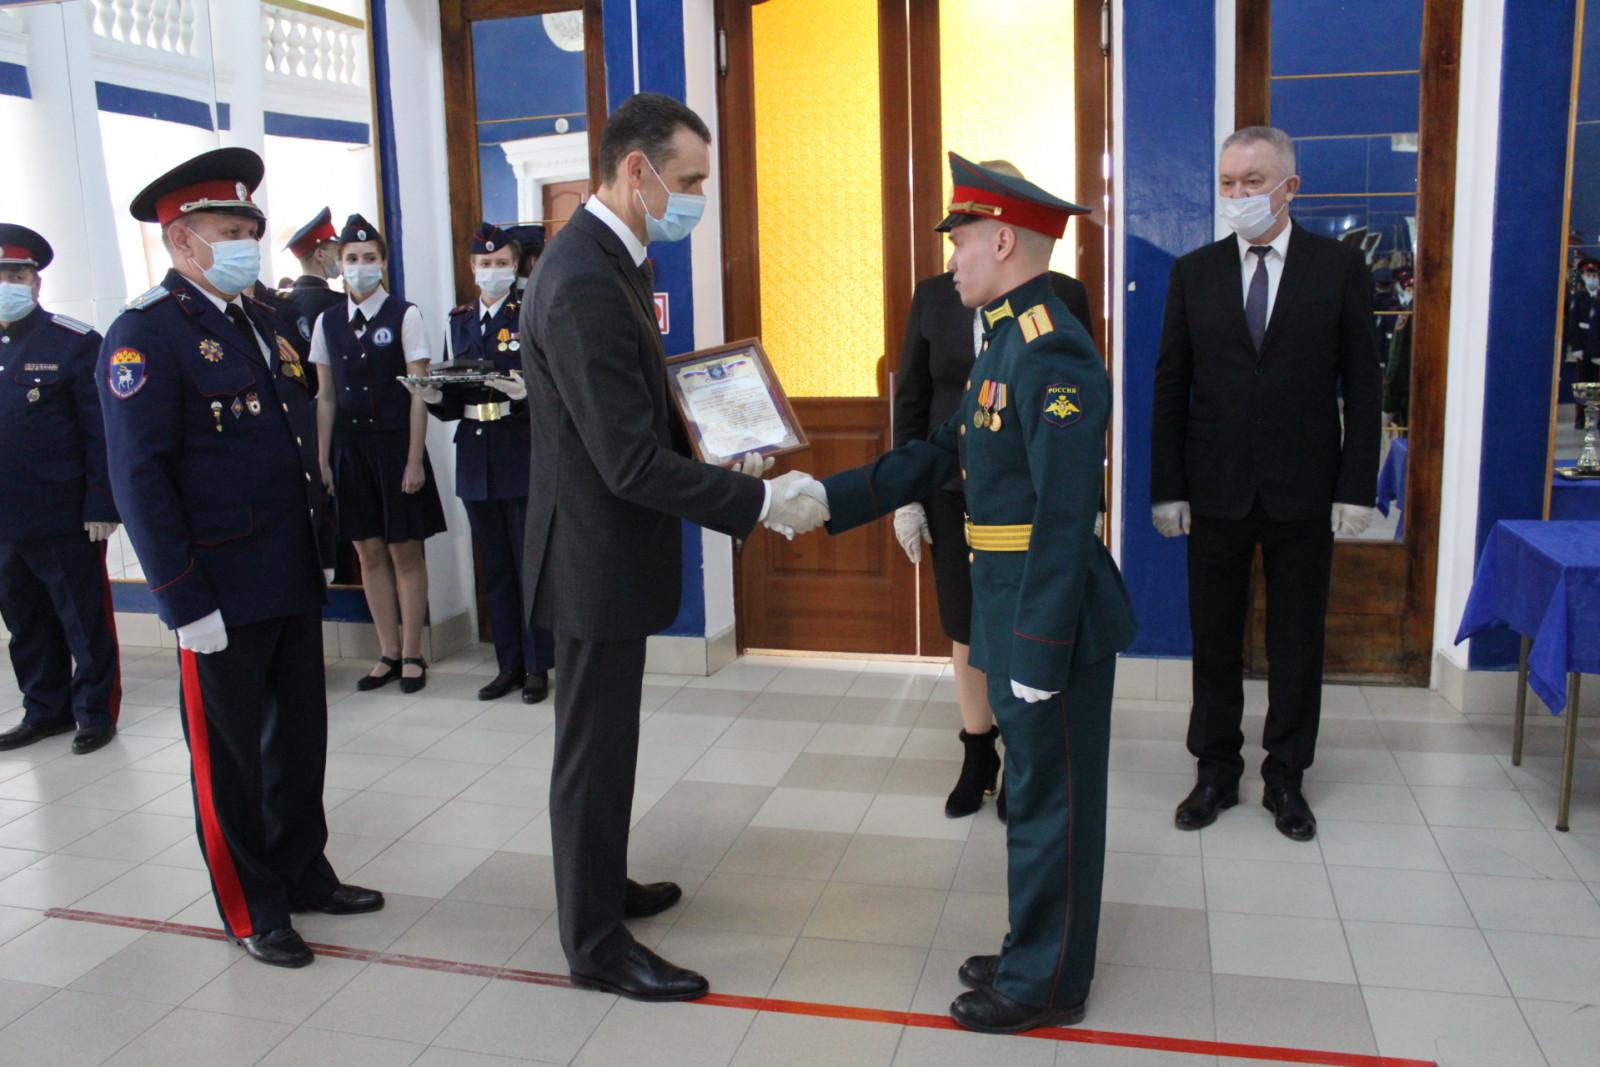 У белокалитвинских кадет прошла торжественная церемония приведения к Кодексу чести